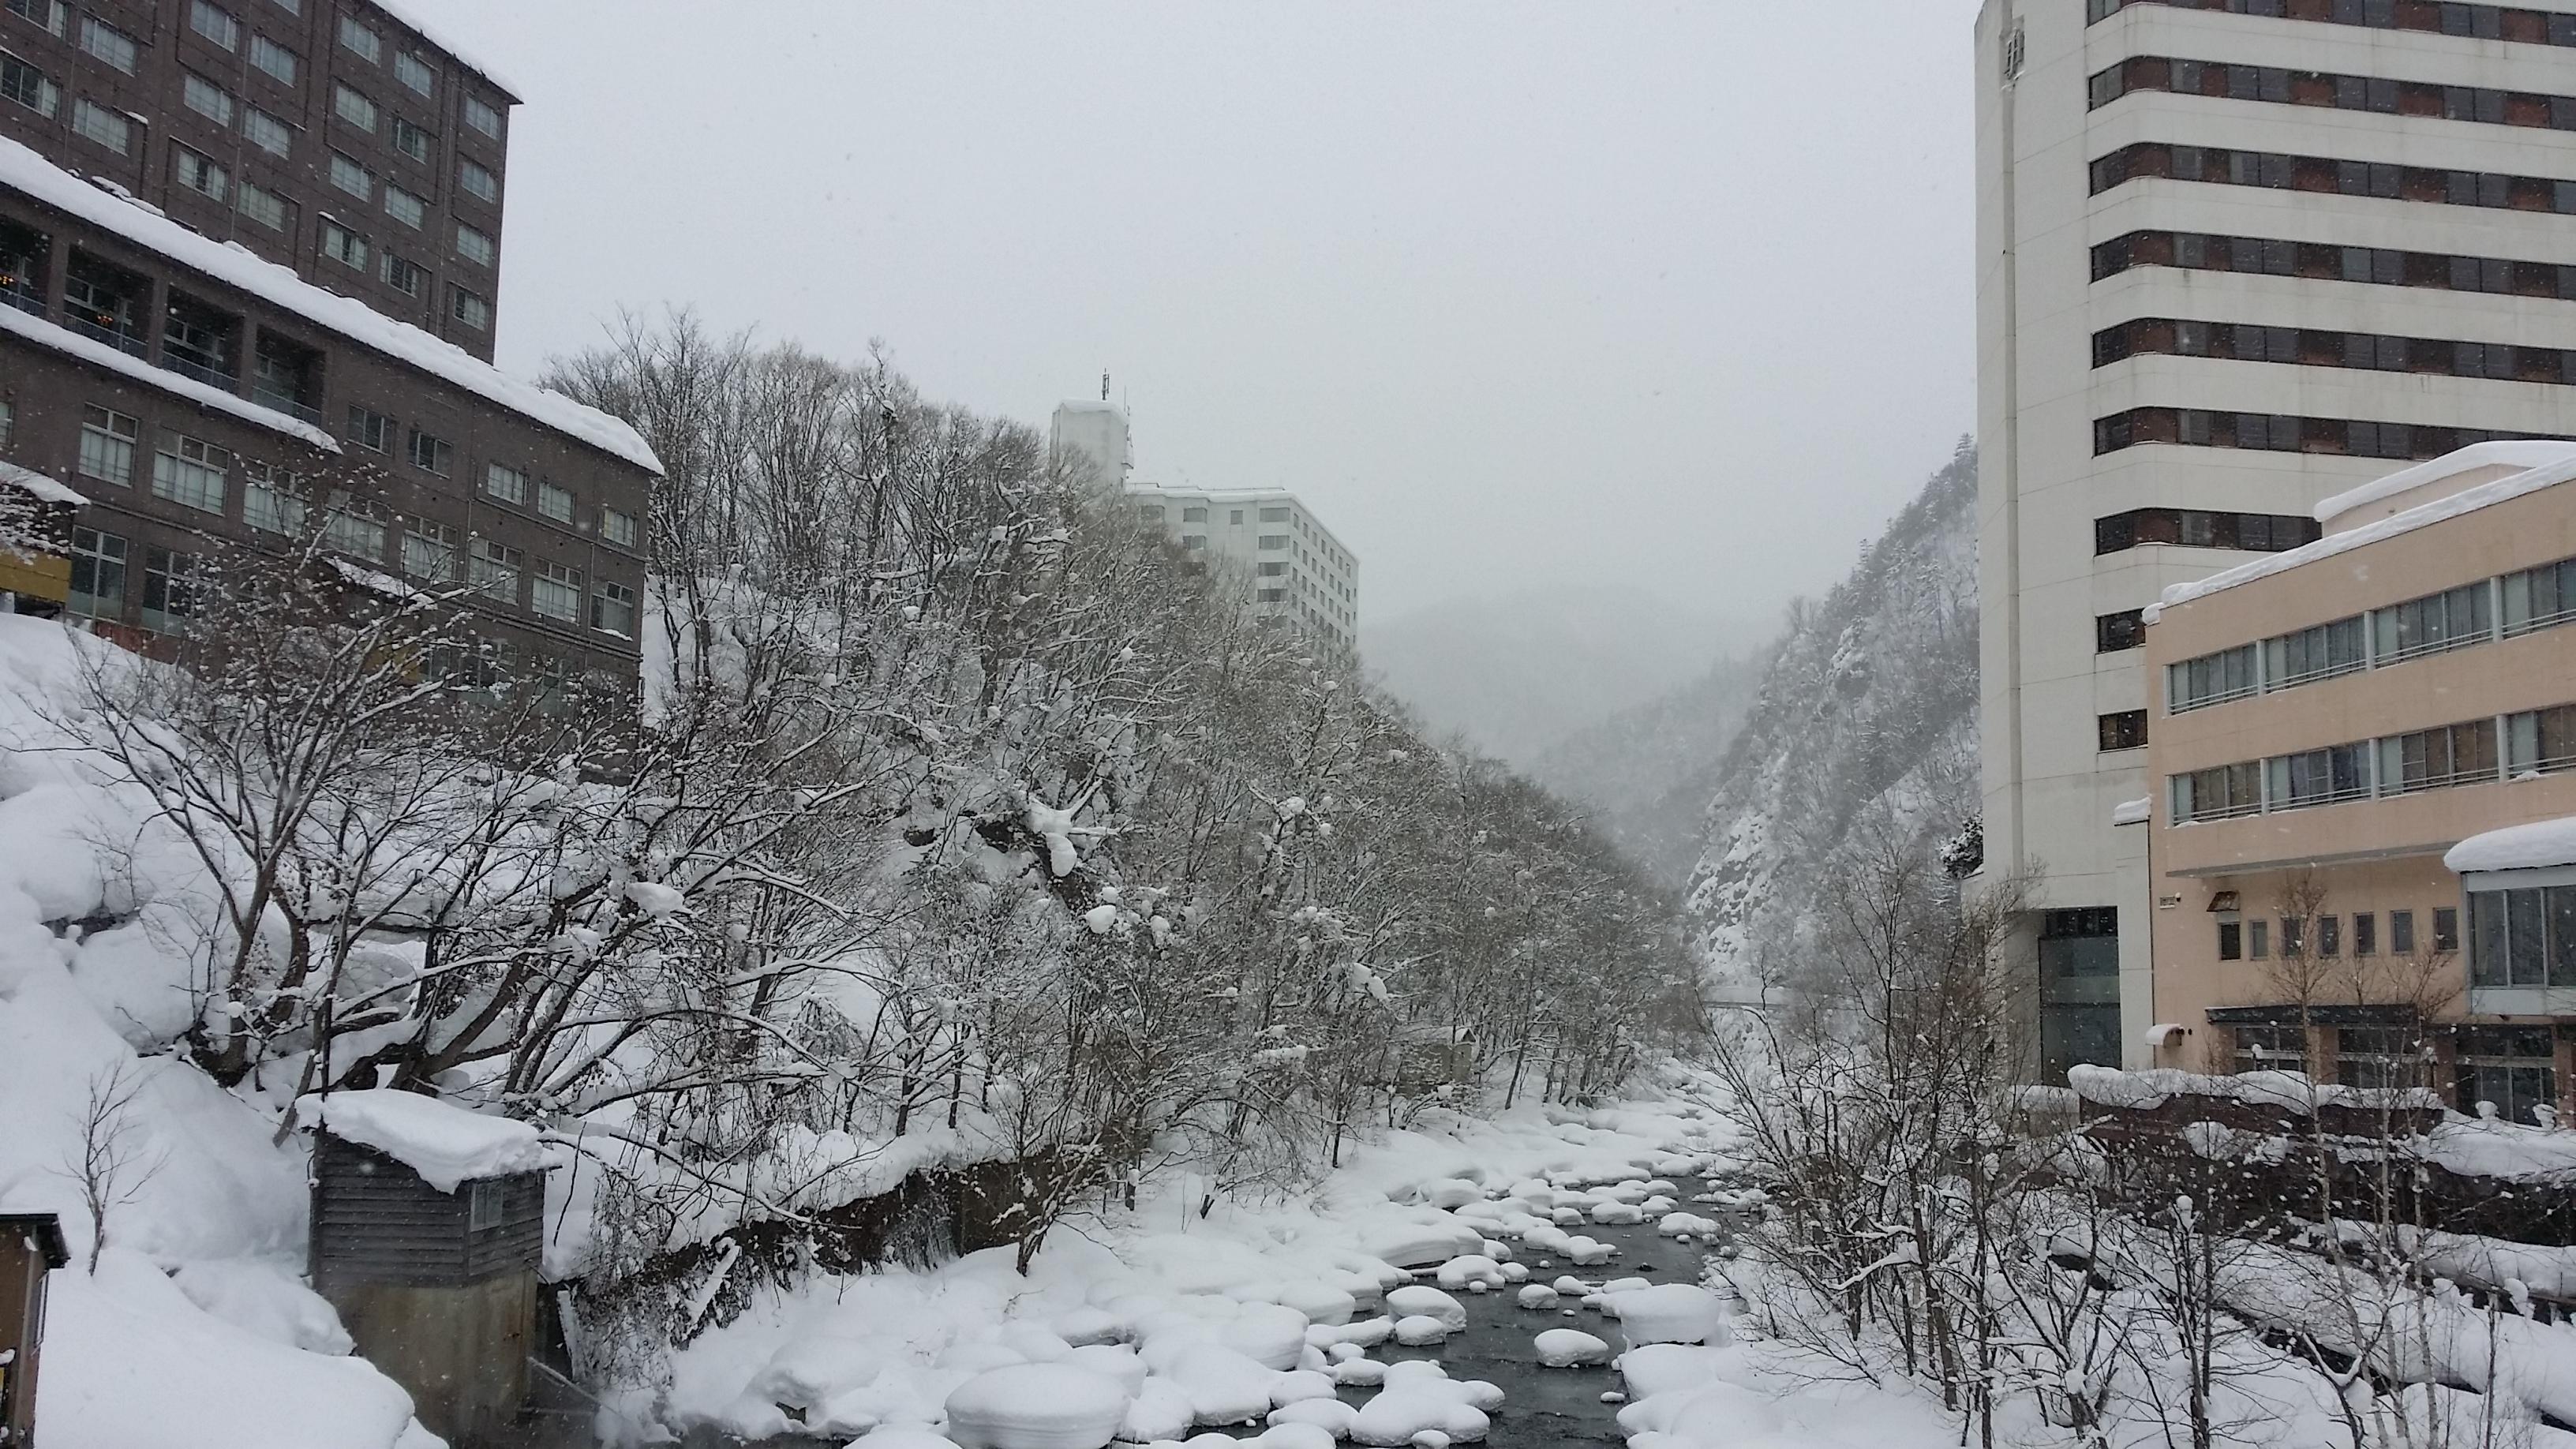 20160128 110815 1 일본 겨울여행지 홋카이도 니세코의 숨겨진 비밀